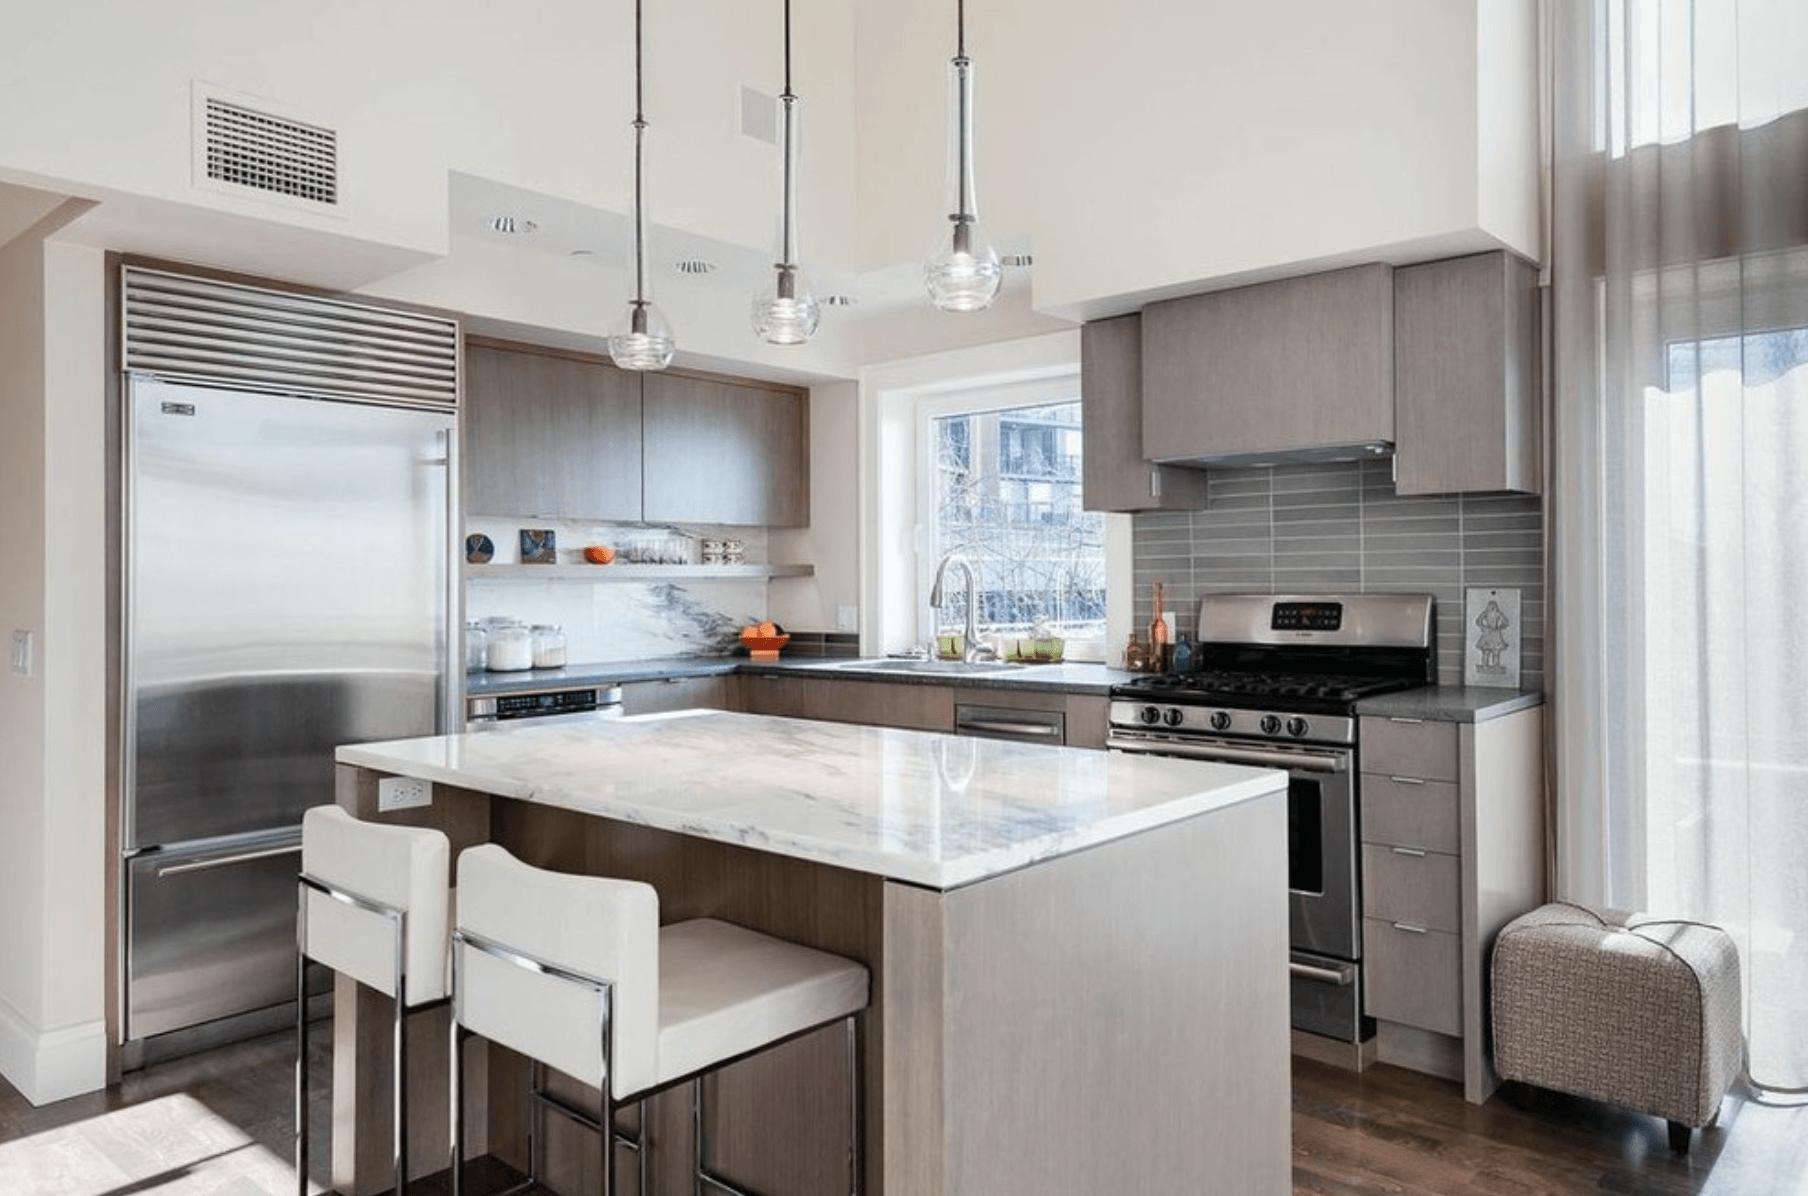 Дизайн кухни в оттенках серого цвета. Фото 7